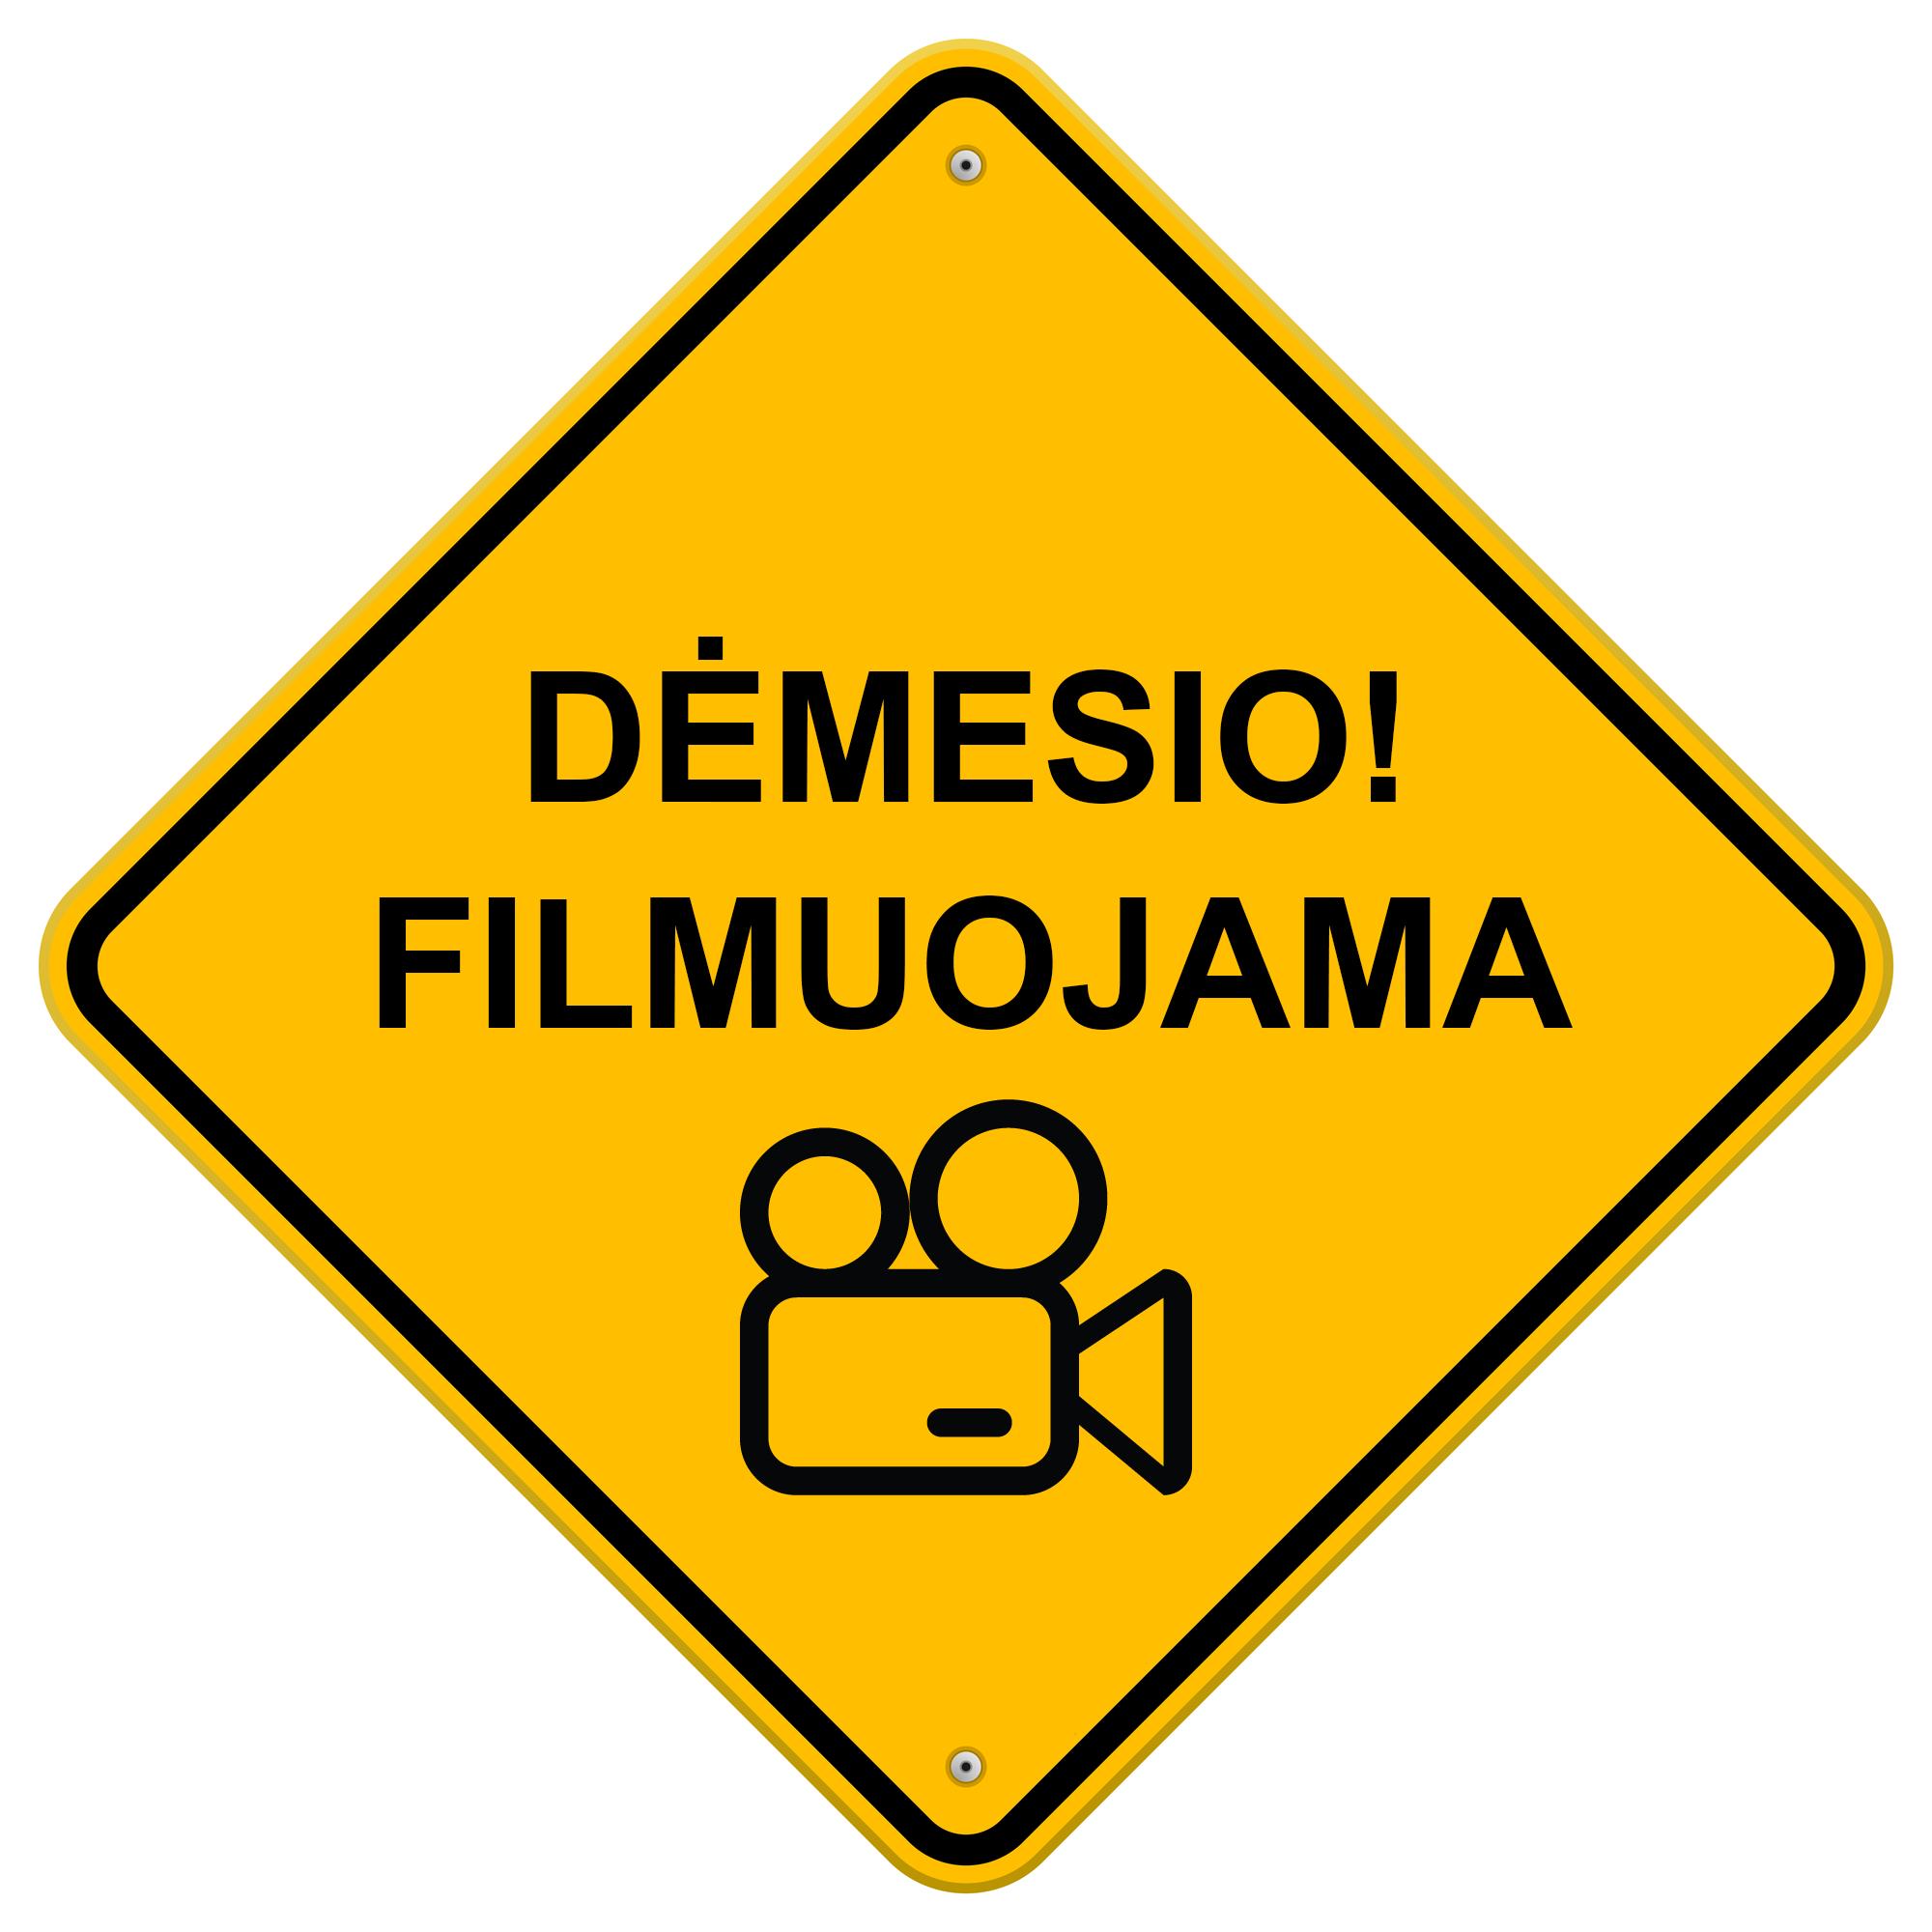 demesio-filmuojama